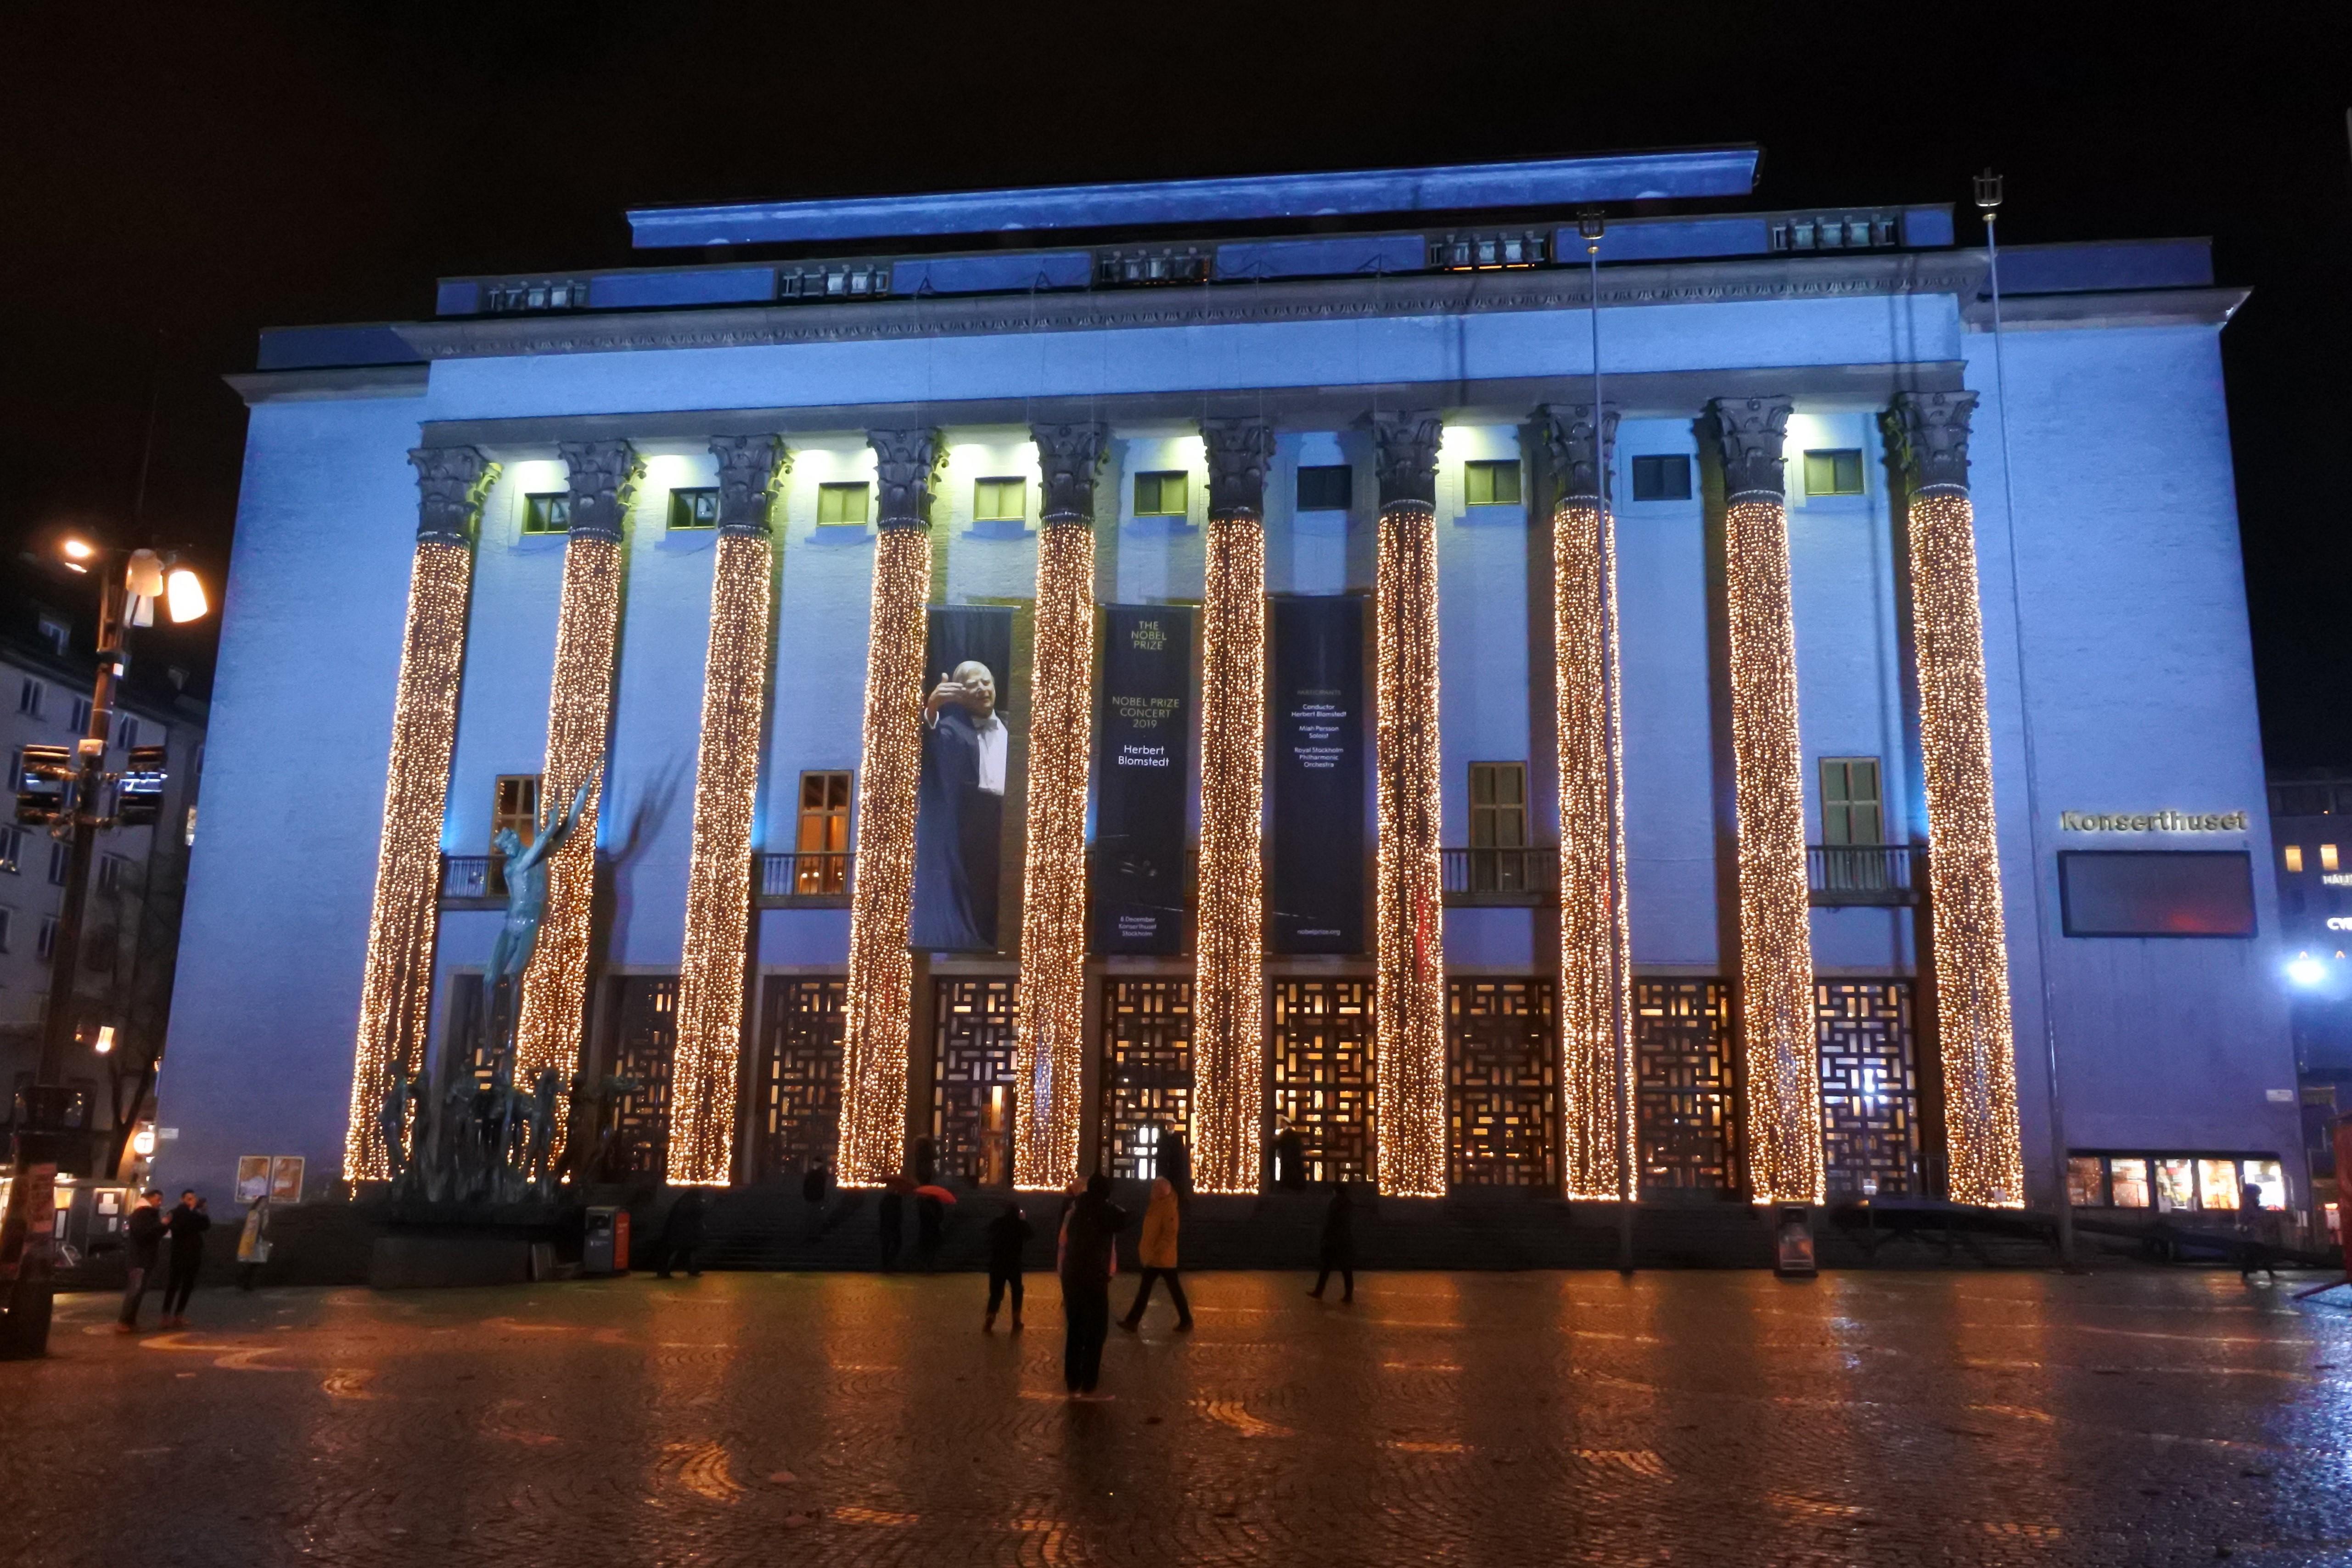 ノーベルコンサートが開かれたコンサートホール。正面の柱には電飾が施されている